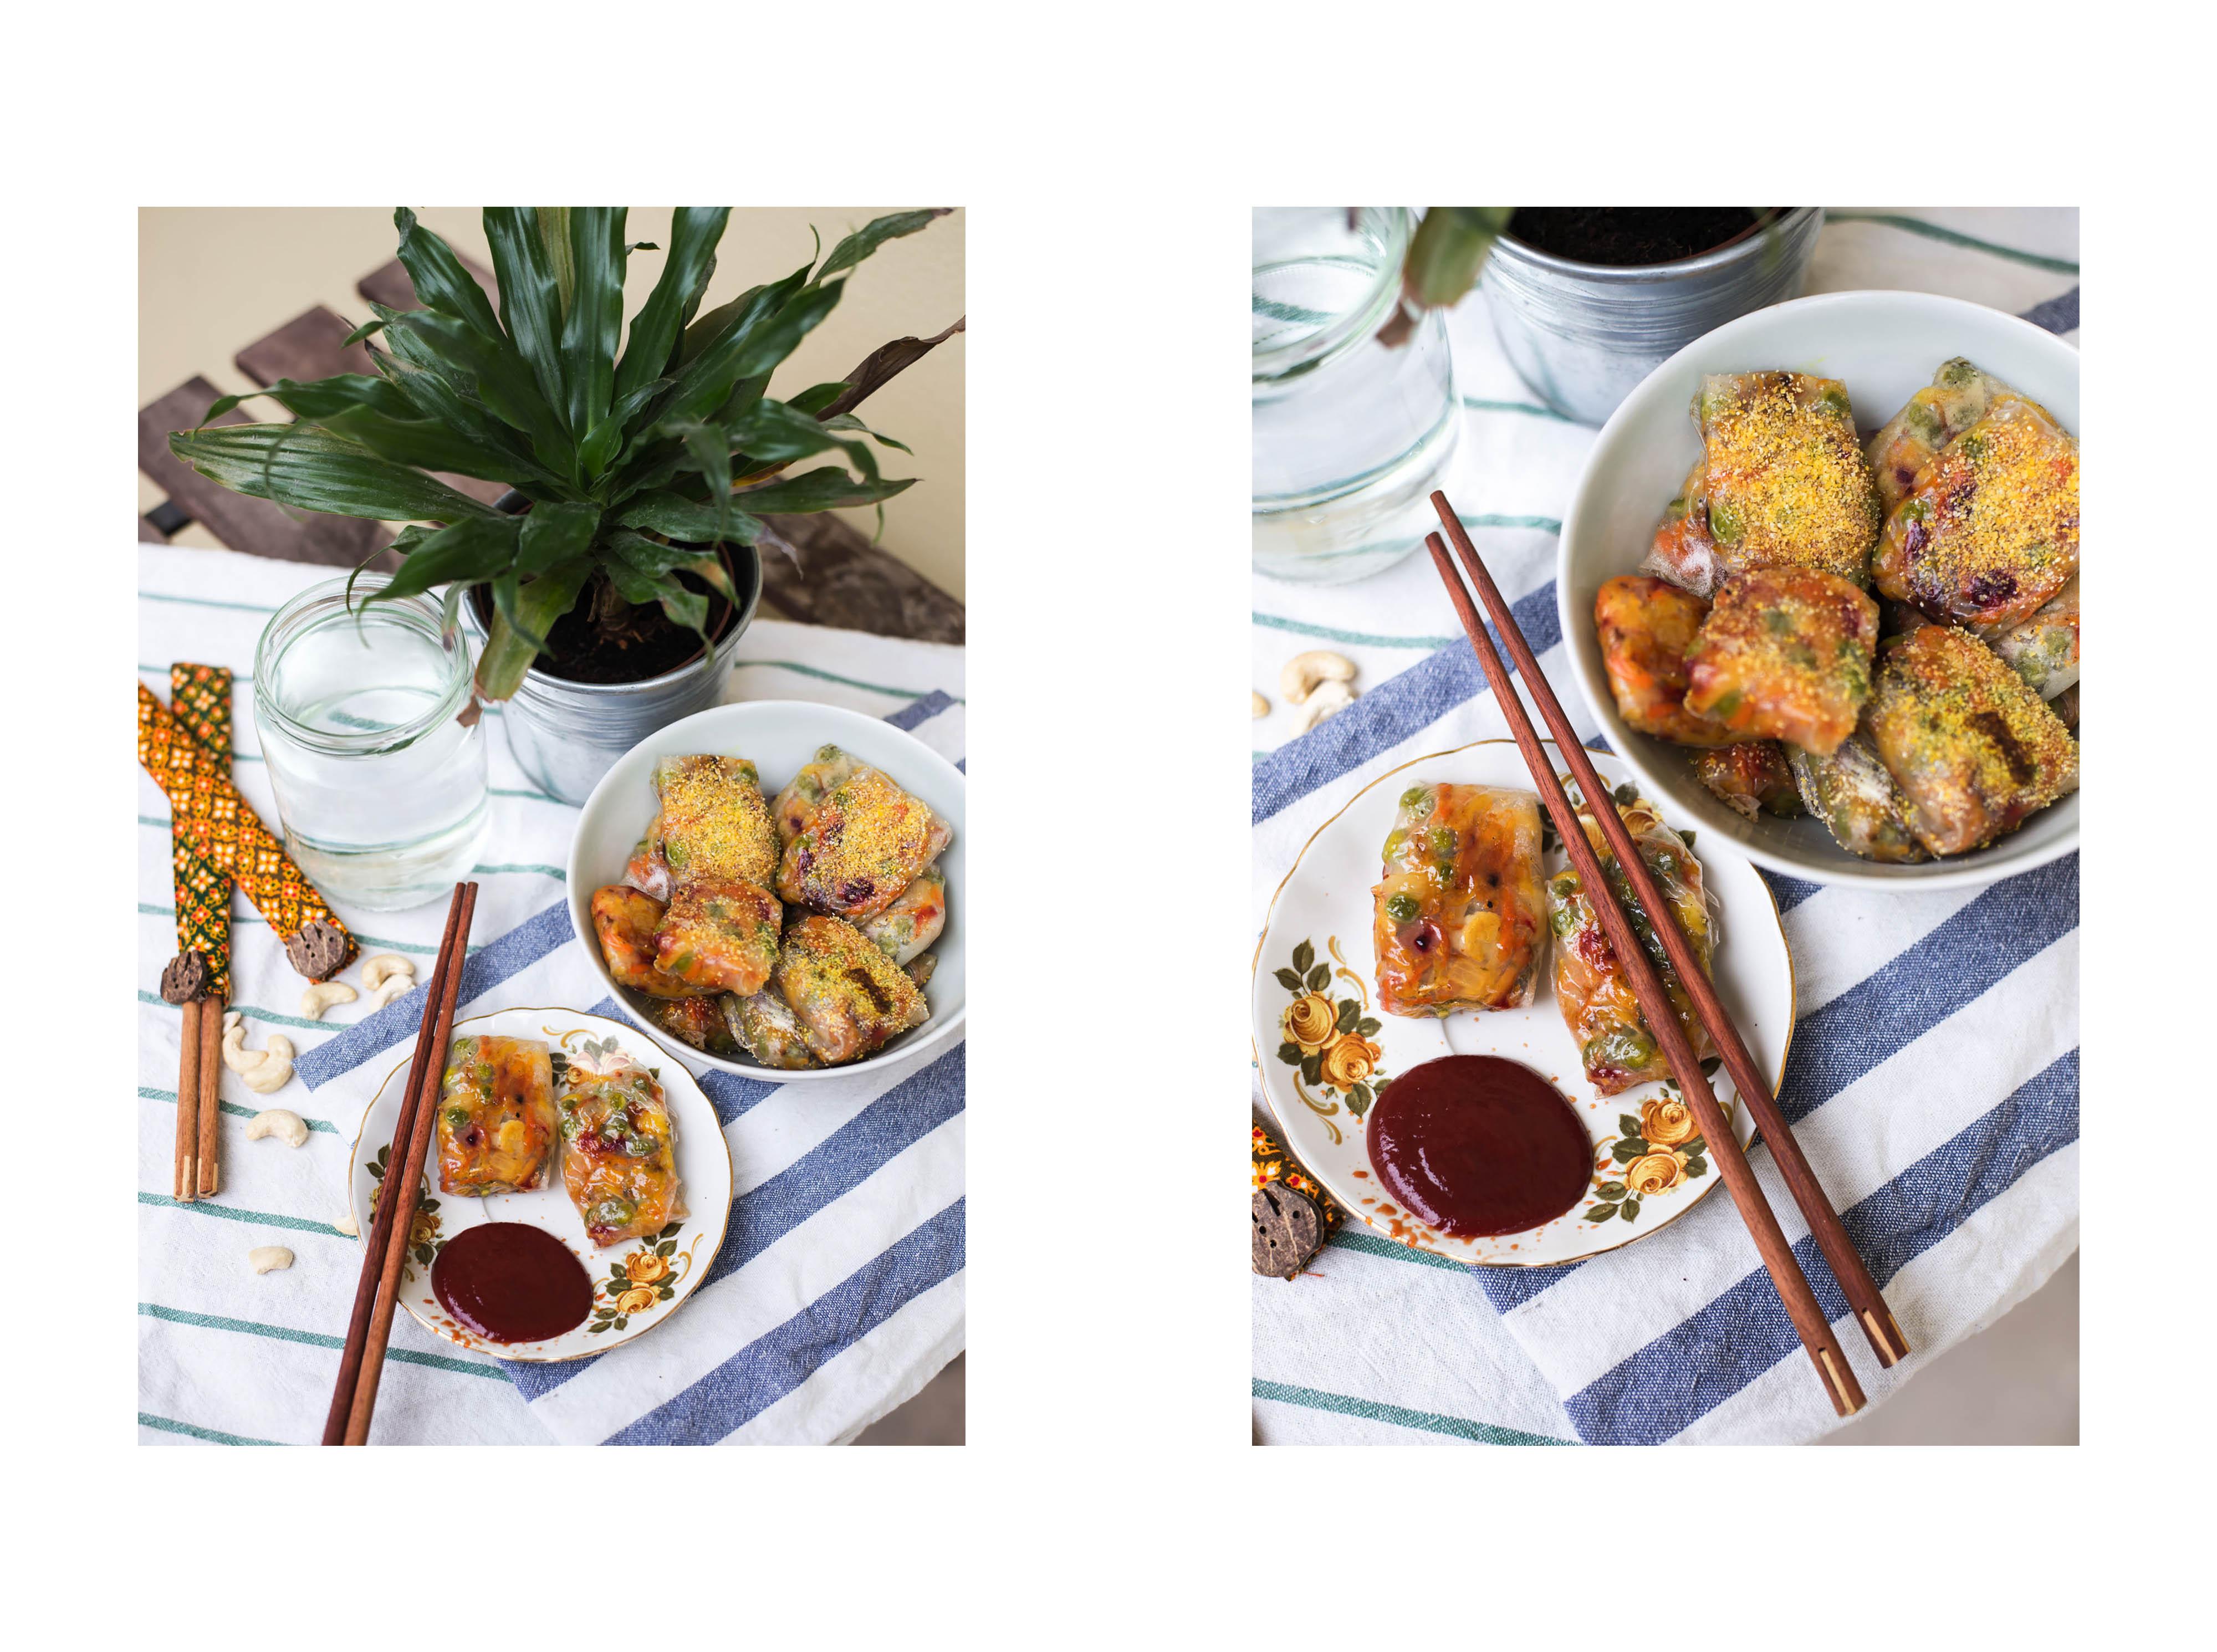 Strudel-Päckchen, vegan. Asiatisch Steirisch gluten-frei soja-frei wintergemüse Cashewkerne rote Rüben Kartoffeln Karfiol Erbsen